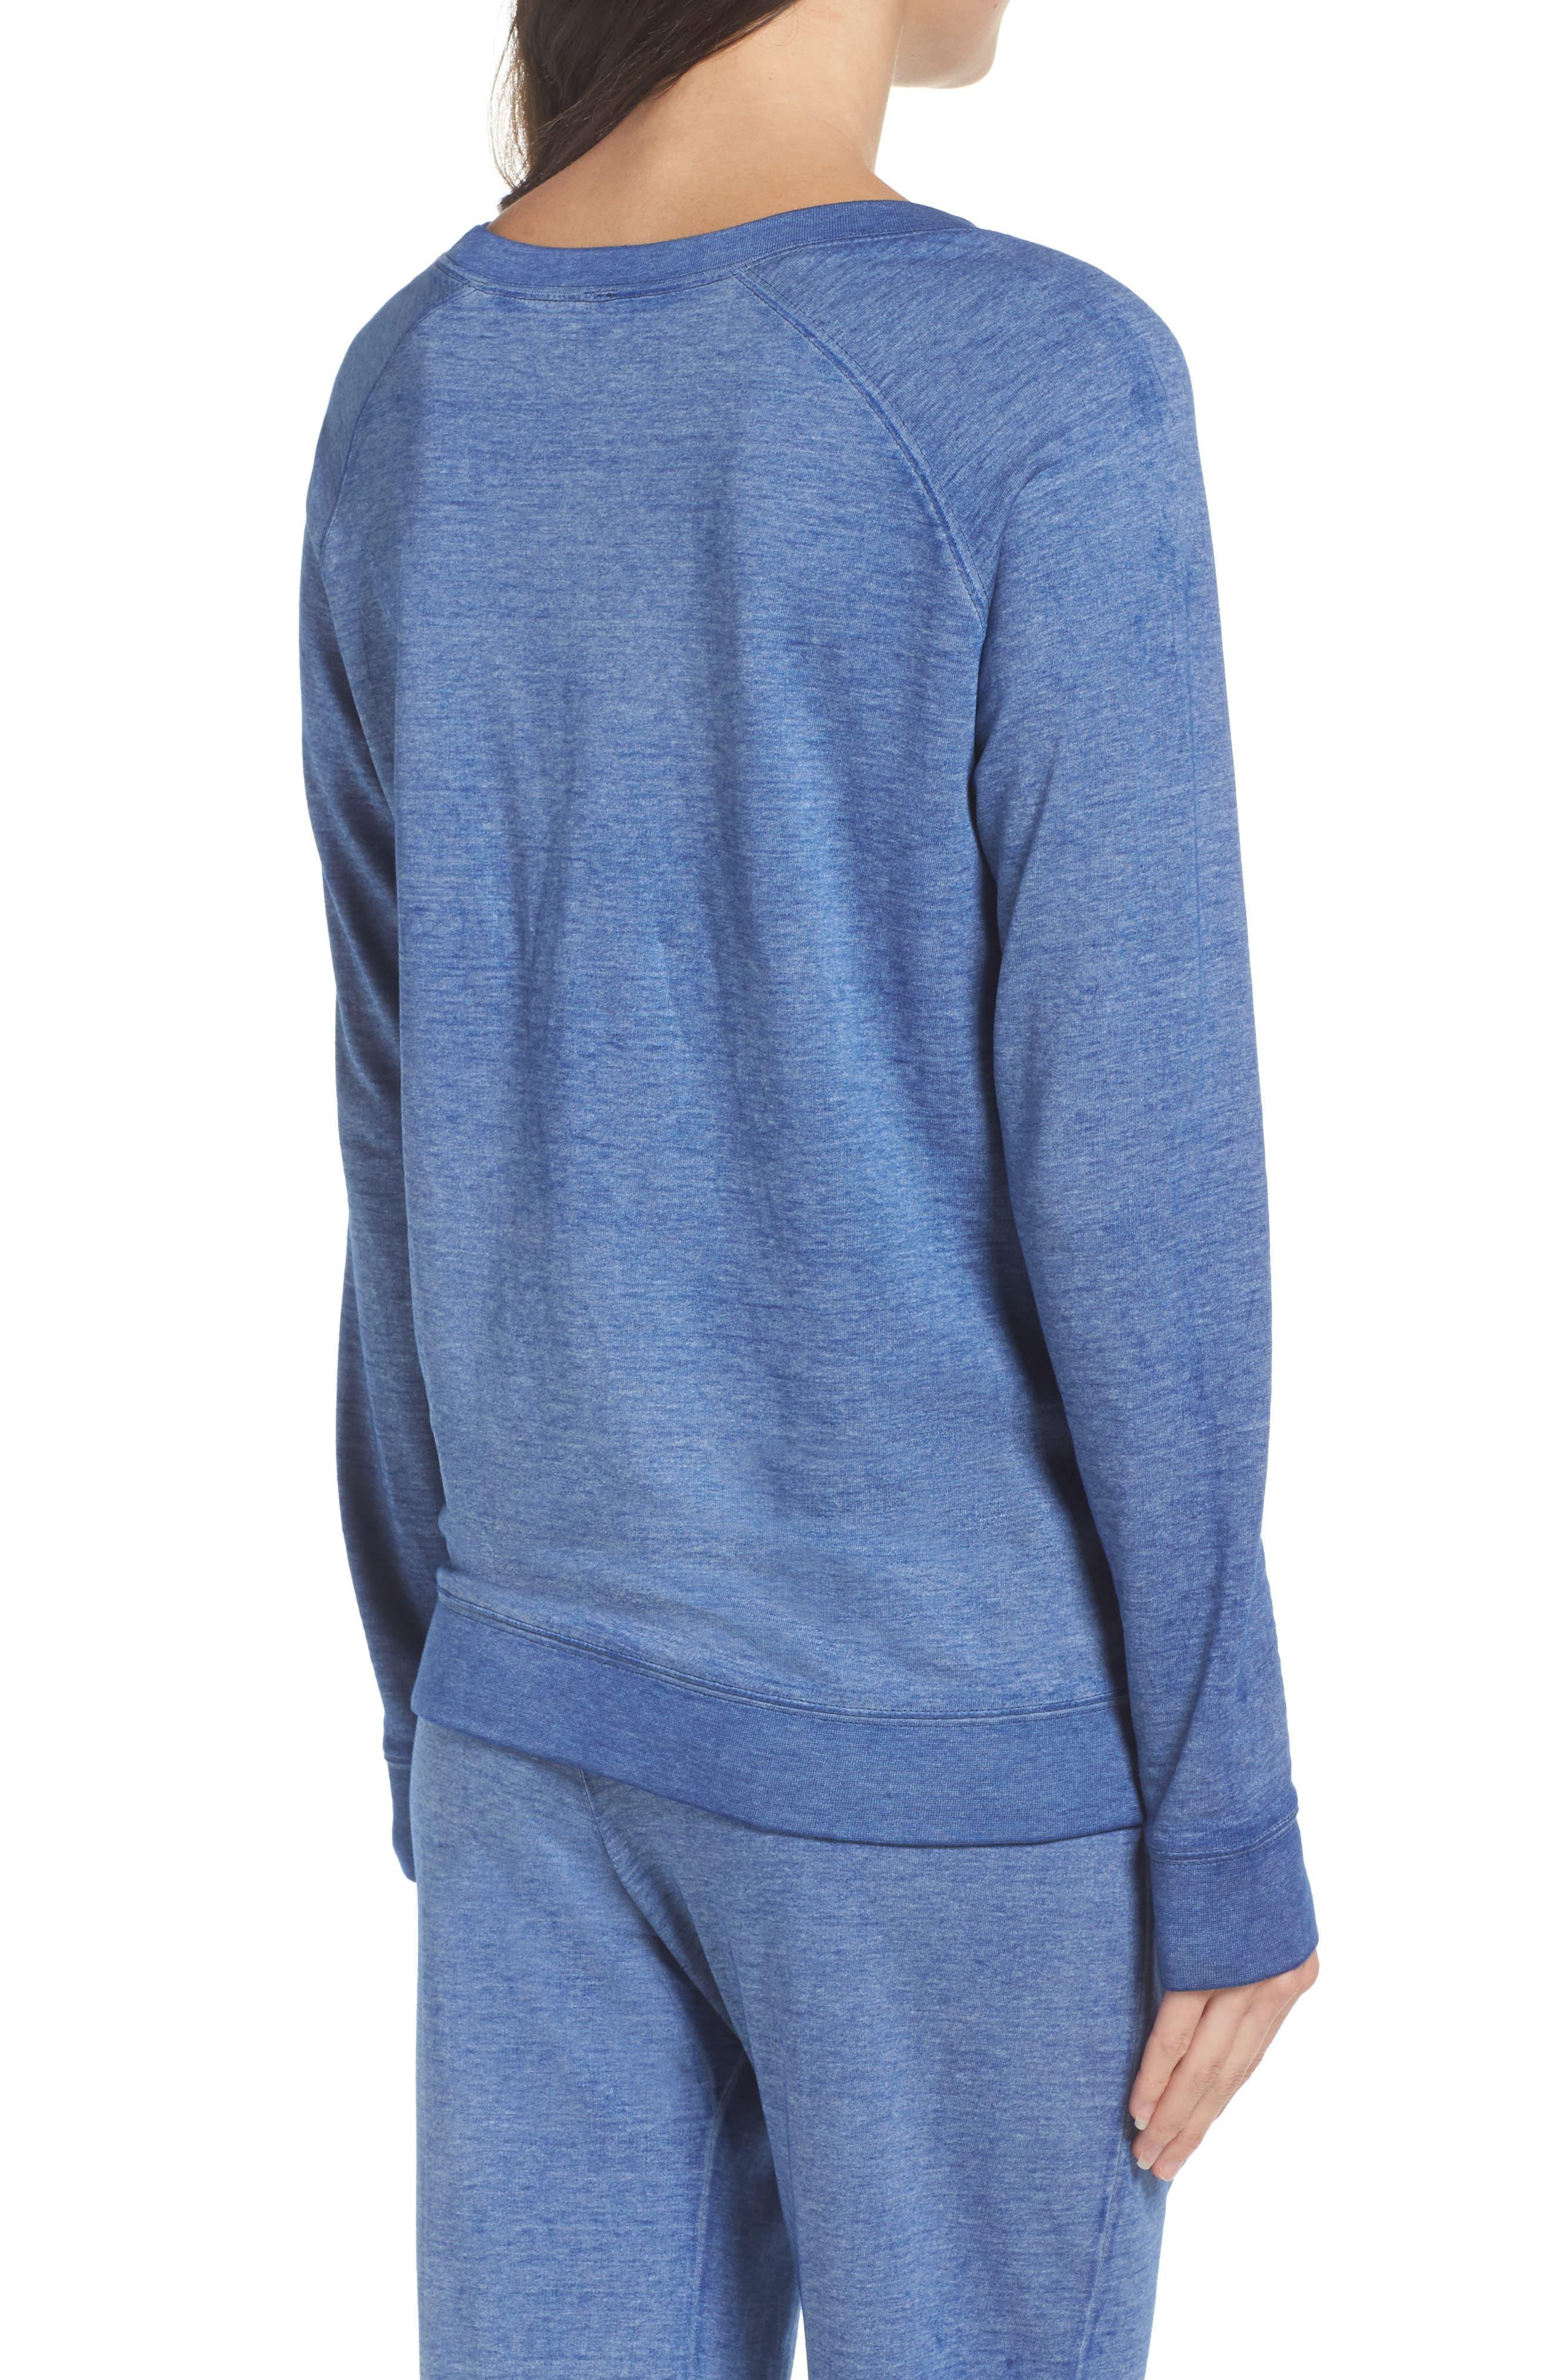 Burnout Lounge Sweatshirt,                             Alternate thumbnail 106, color,